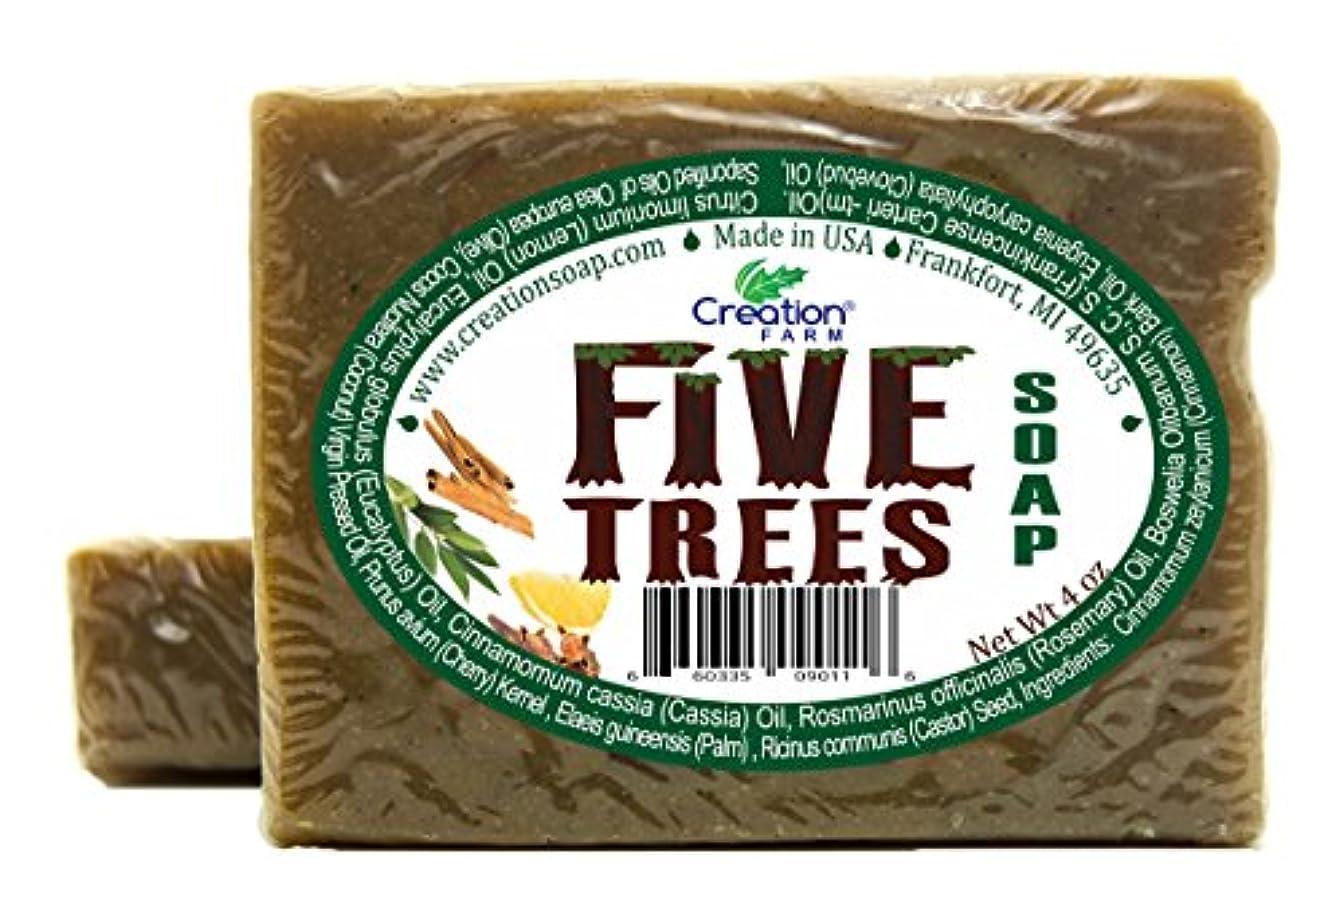 インスタント把握通り抜けるCreation Farm Five Trees - 手作り石鹸 8オンス (2-4オンス バーパック) シナモン、フランキンセンス、クローブ、レモン、ユーカリ、ローズマリー アロマテラピーエッセンシャルオイル 洗髪、保冷...